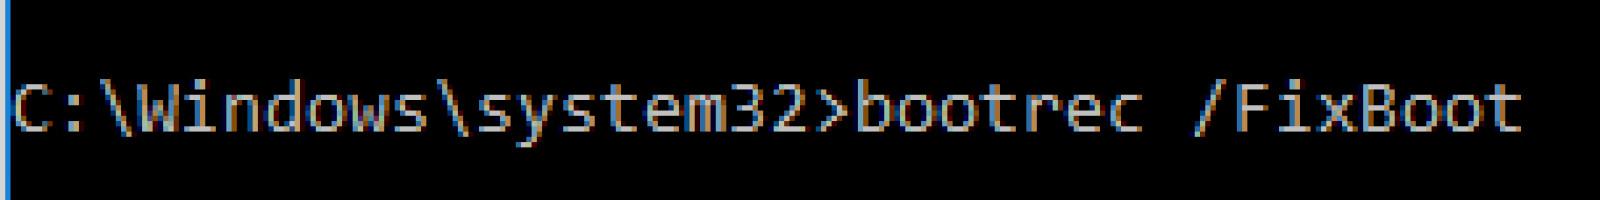 Step2. Use BOOTREC fix boot to fix 0xc0000185 error